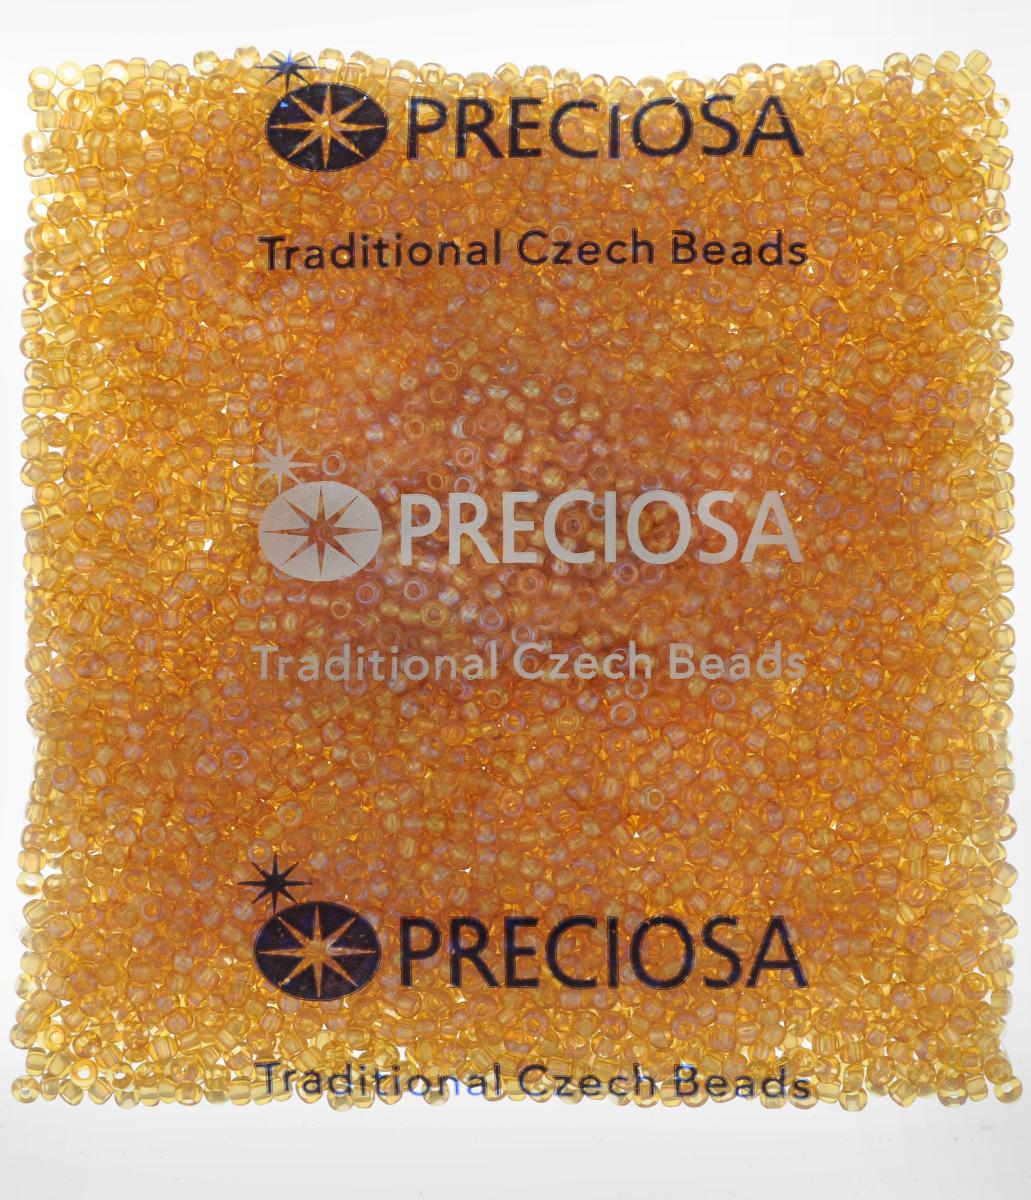 Бисер Preciosa Ассорти, прозрачный, с радужным покрытием, цвет: бронзовый (07), 10/0, 50 г163142_07_оранжевыйБисер Preciosa Ассорти, изготовленный из стекла круглой формы, позволит вам своими руками создать оригинальные ожерелья, бусы или браслеты, а также заняться вышиванием. В бисероплетении часто используют бисер разных размеров и цветов. Он идеально подойдет для вышивания на предметах быта и женской одежде. Изготовление украшений - занимательное хобби и реализация творческих способностей рукодельницы, это возможность создания неповторимого индивидуального подарка.